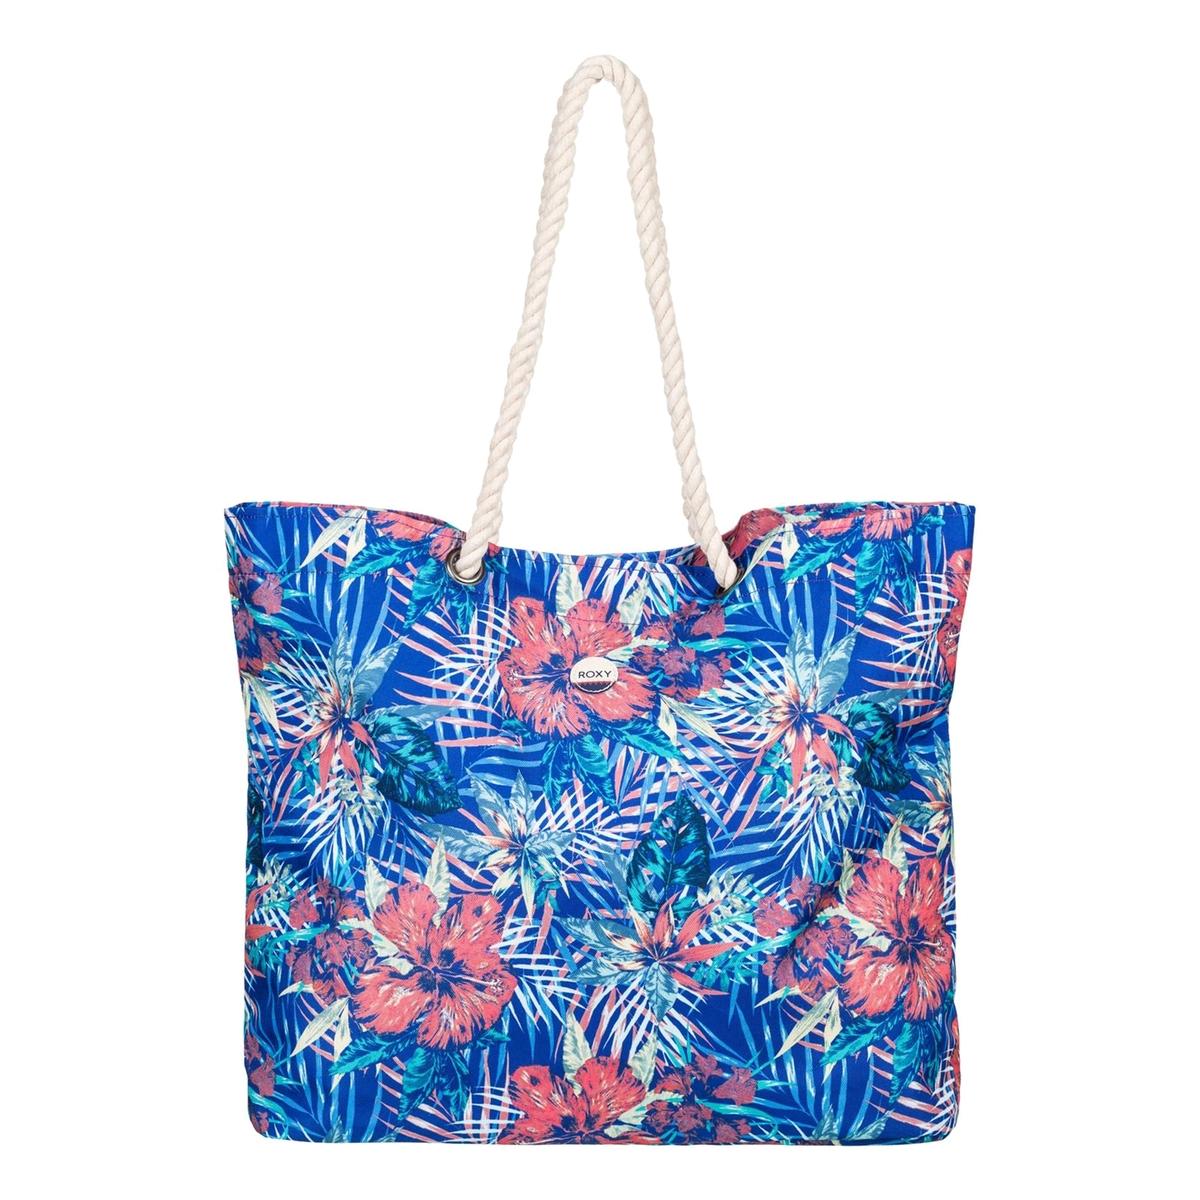 Сумка пляжная, с рисункомПляжная сумка, с тропическим рисунком, Roxy.Рисунок, напоминающий о красивых пляжах и далеких горизонтах, яркая расцветка и практичность : идеальная сумка для отдыха.  Состав и описание :Материал :  полиэстерМарка : ROXYРазмеры  : В.41 x Ш.55 x Г.14 смРучки из мягкой веревки. Нашивка из хлопка с логотипом.Объем : 26 л<br><br>Цвет: синий/ розовый